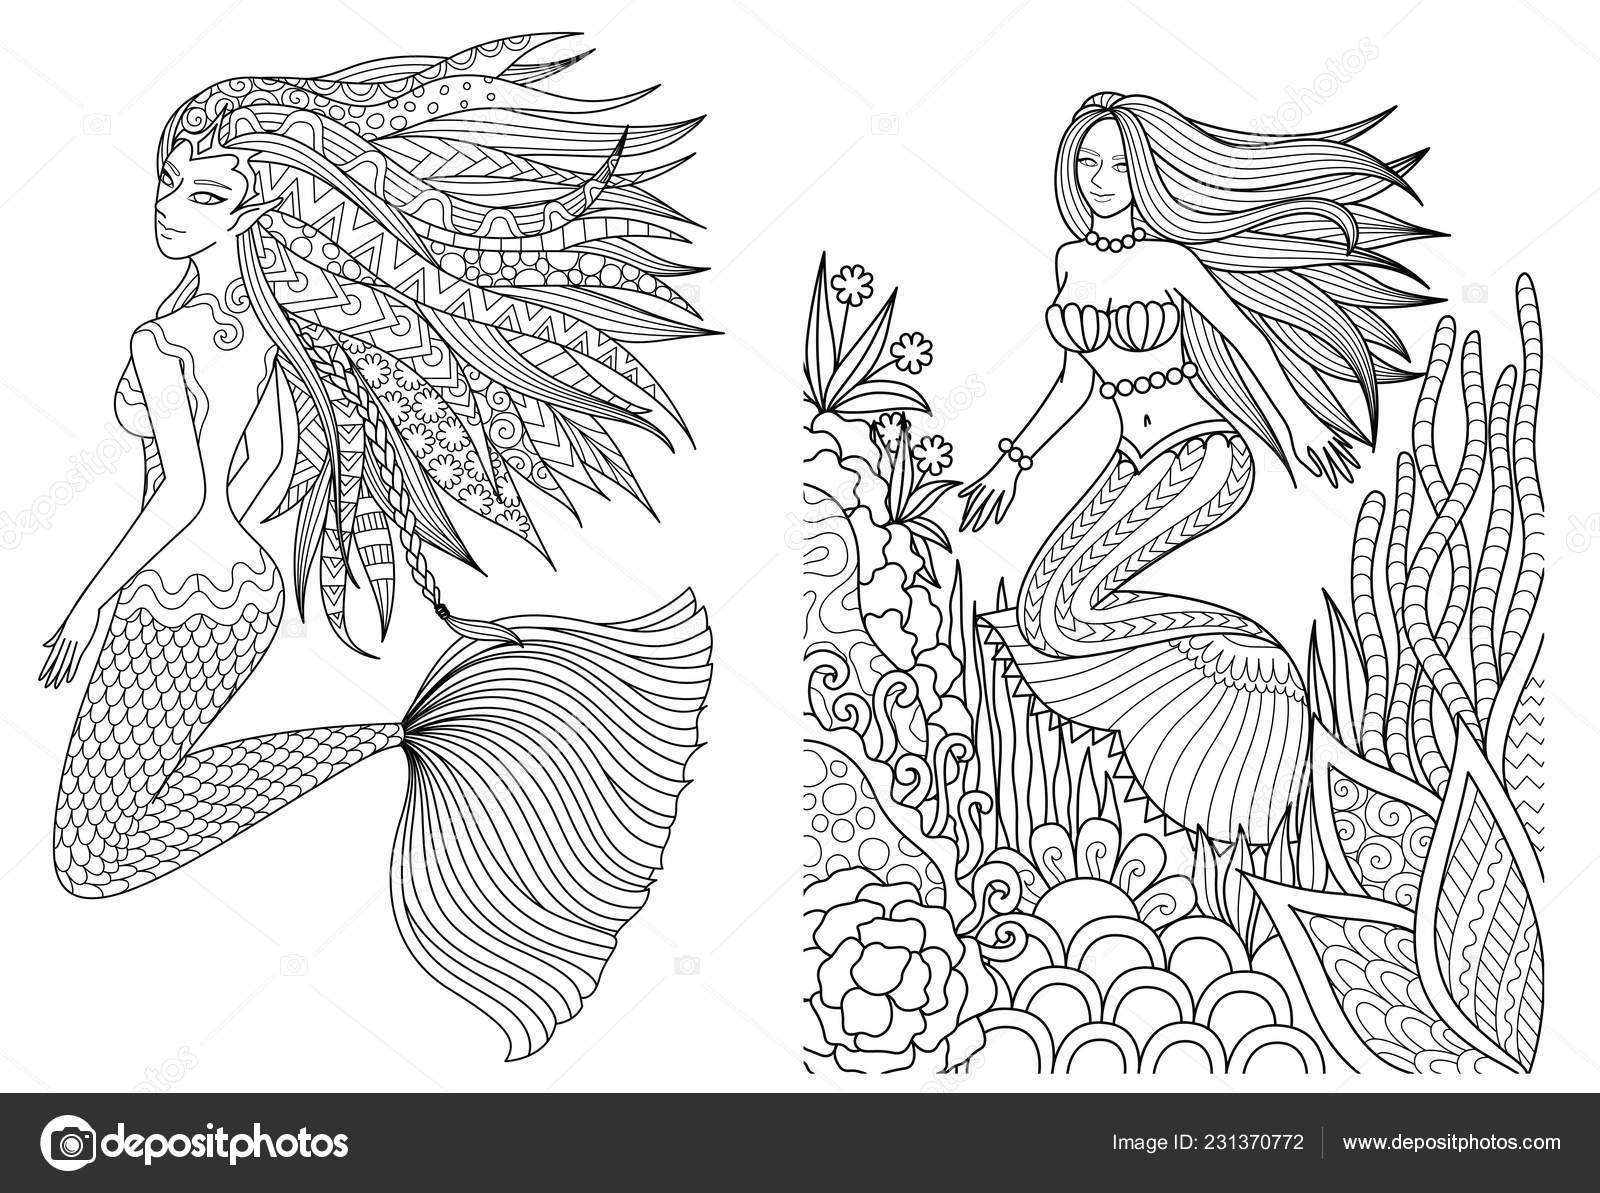 Kleurplaten Over Zwemmen.Mooie Zeemeerminnen Zwemmen Onder Zee Setfor Volwassene Kleurboek